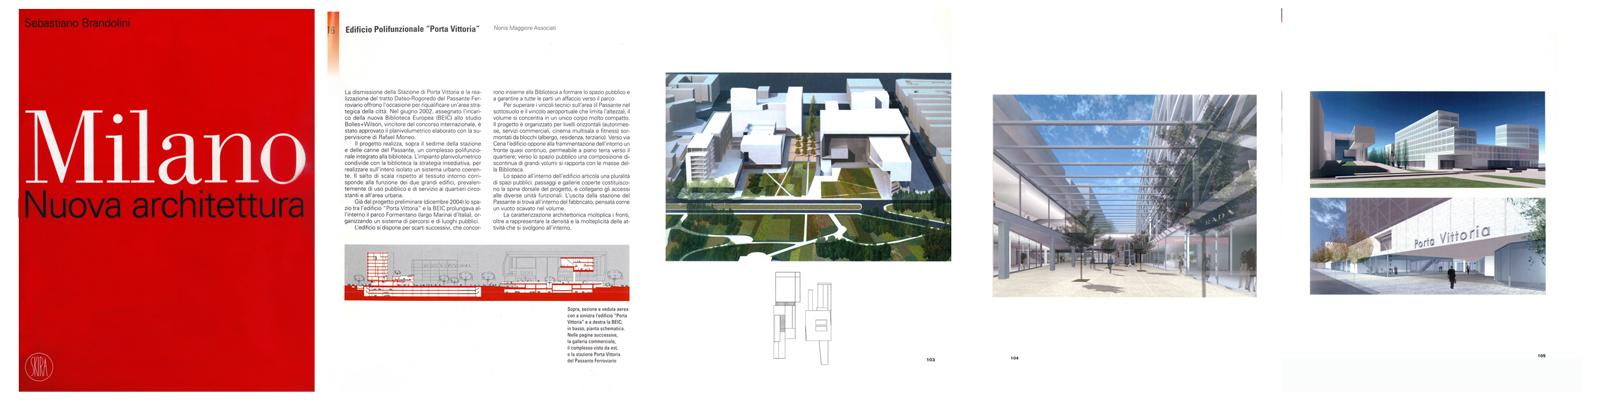 """""""Milano, nuova architettura"""", a cura di S. Brandolini, Skira, 2005, pag.102"""